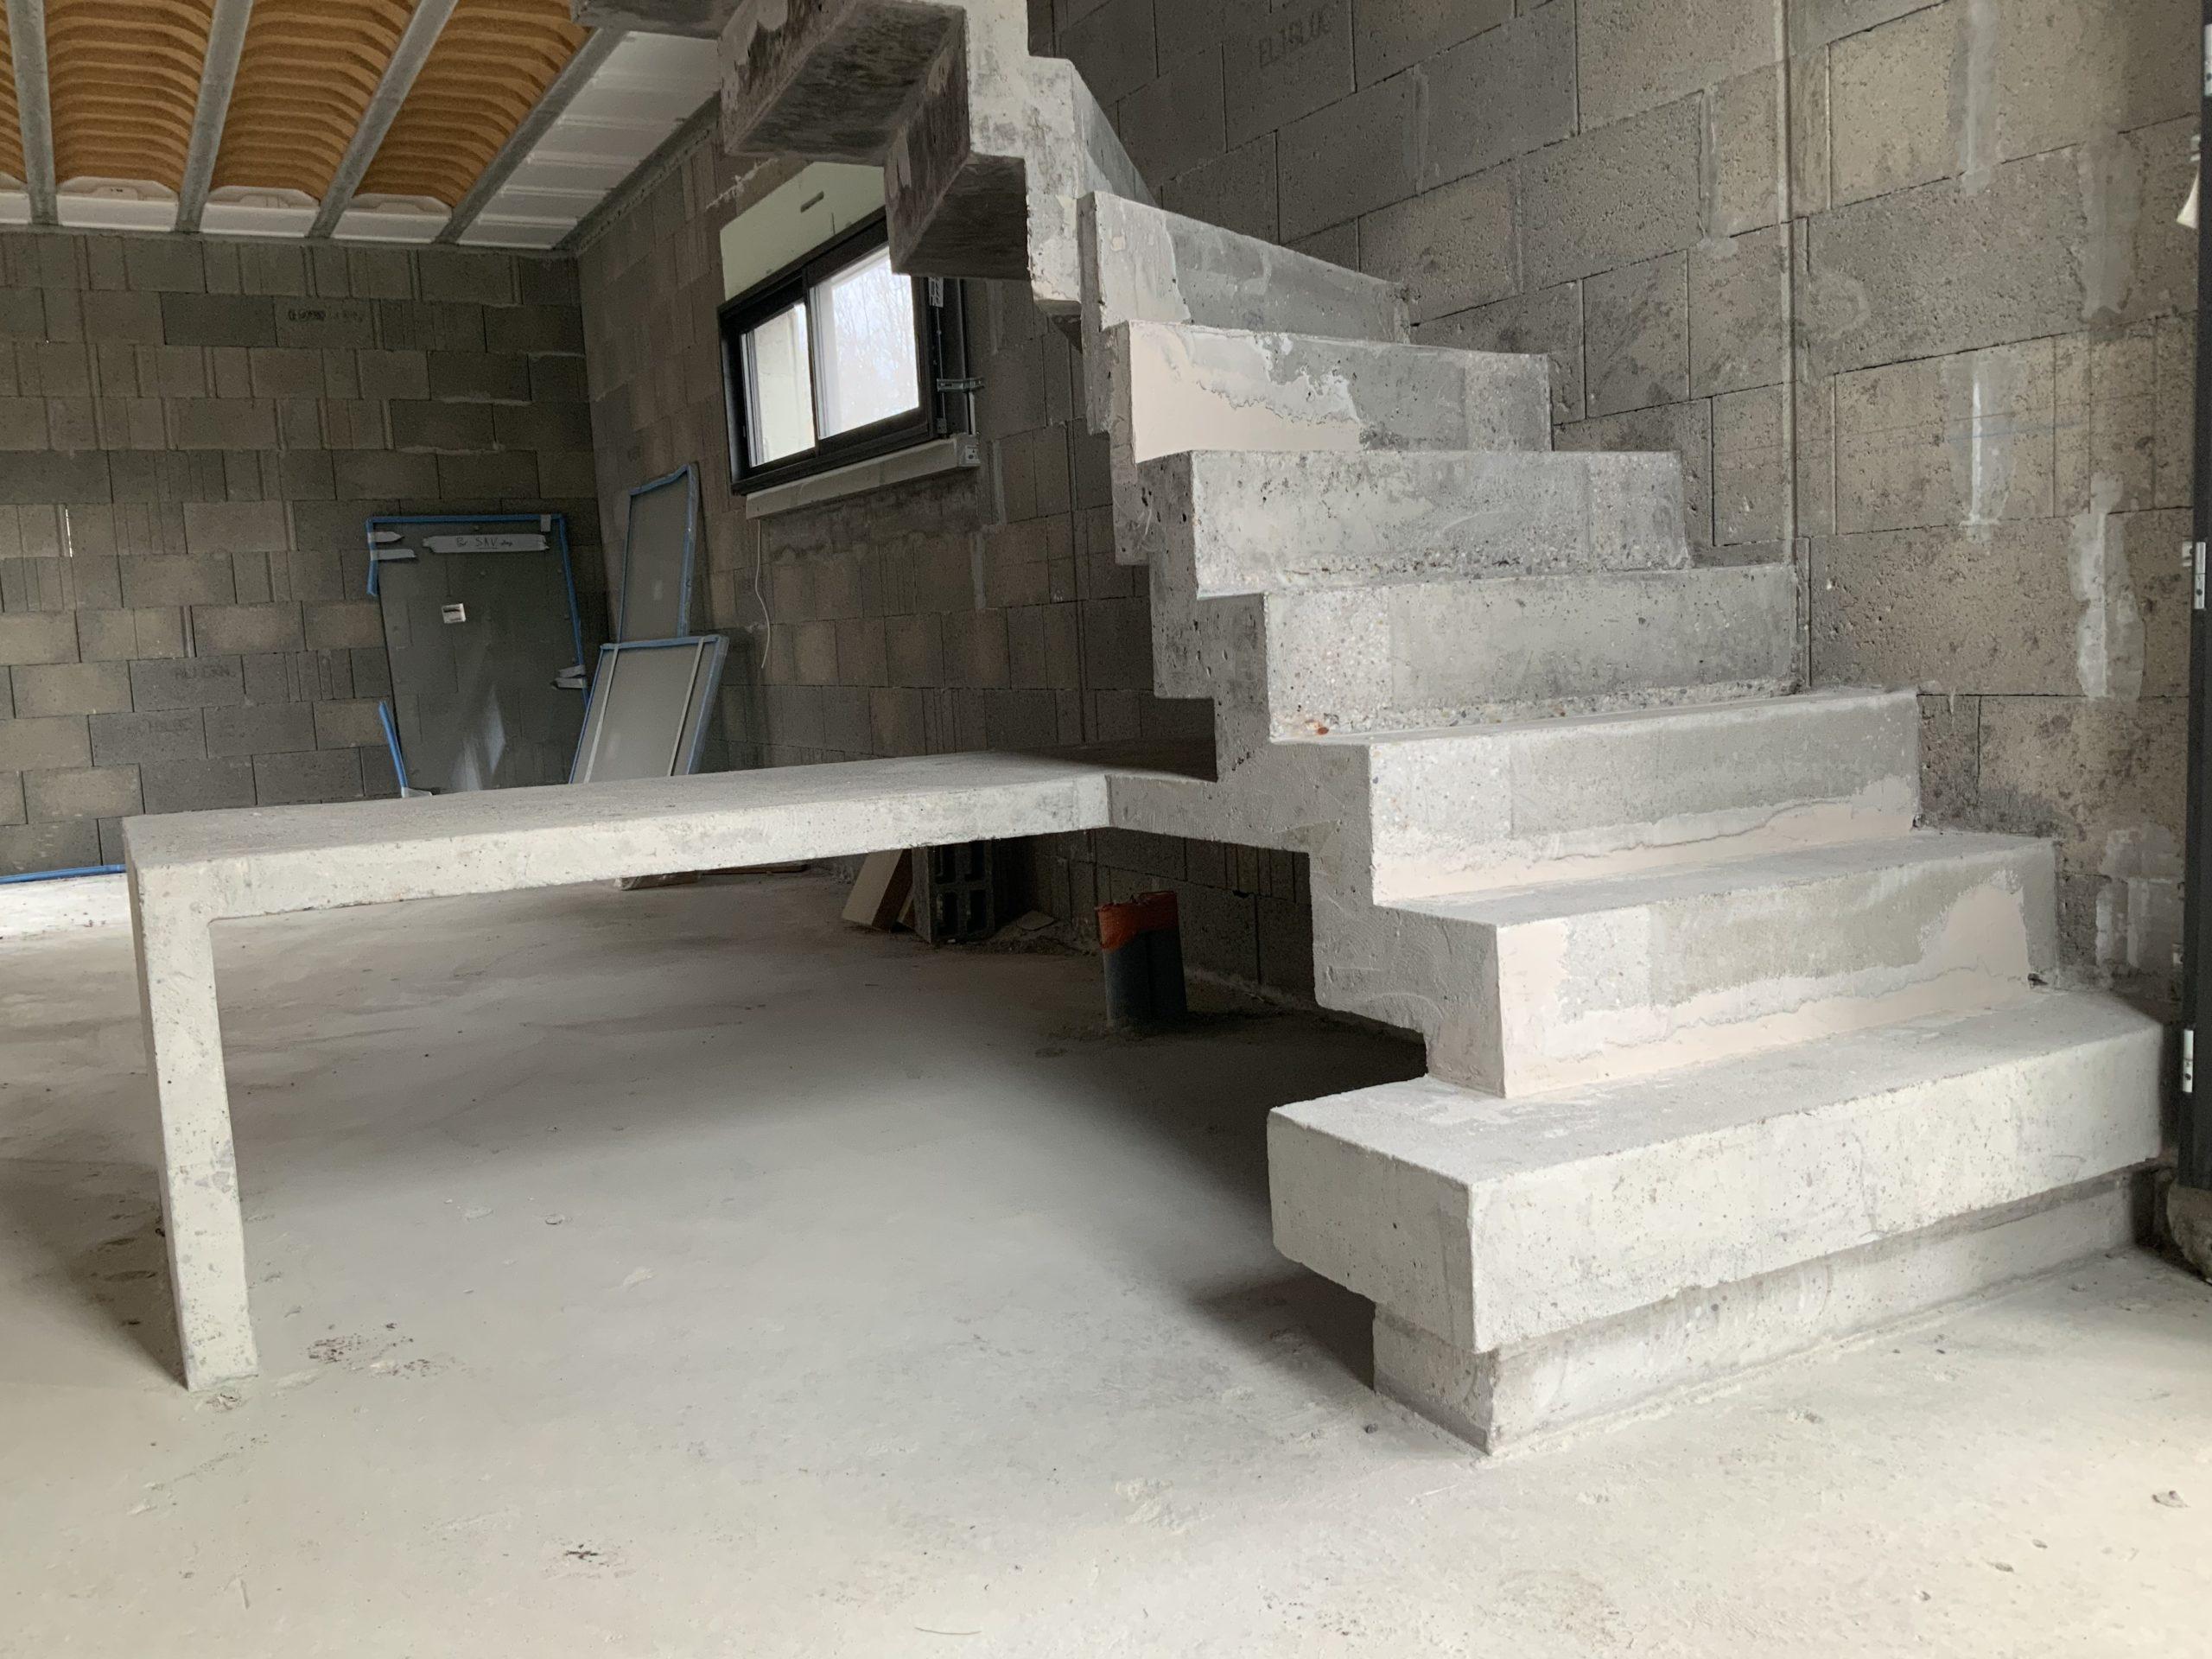 Marche royale avec effet flottant pour cet escalier dans une maison en construction